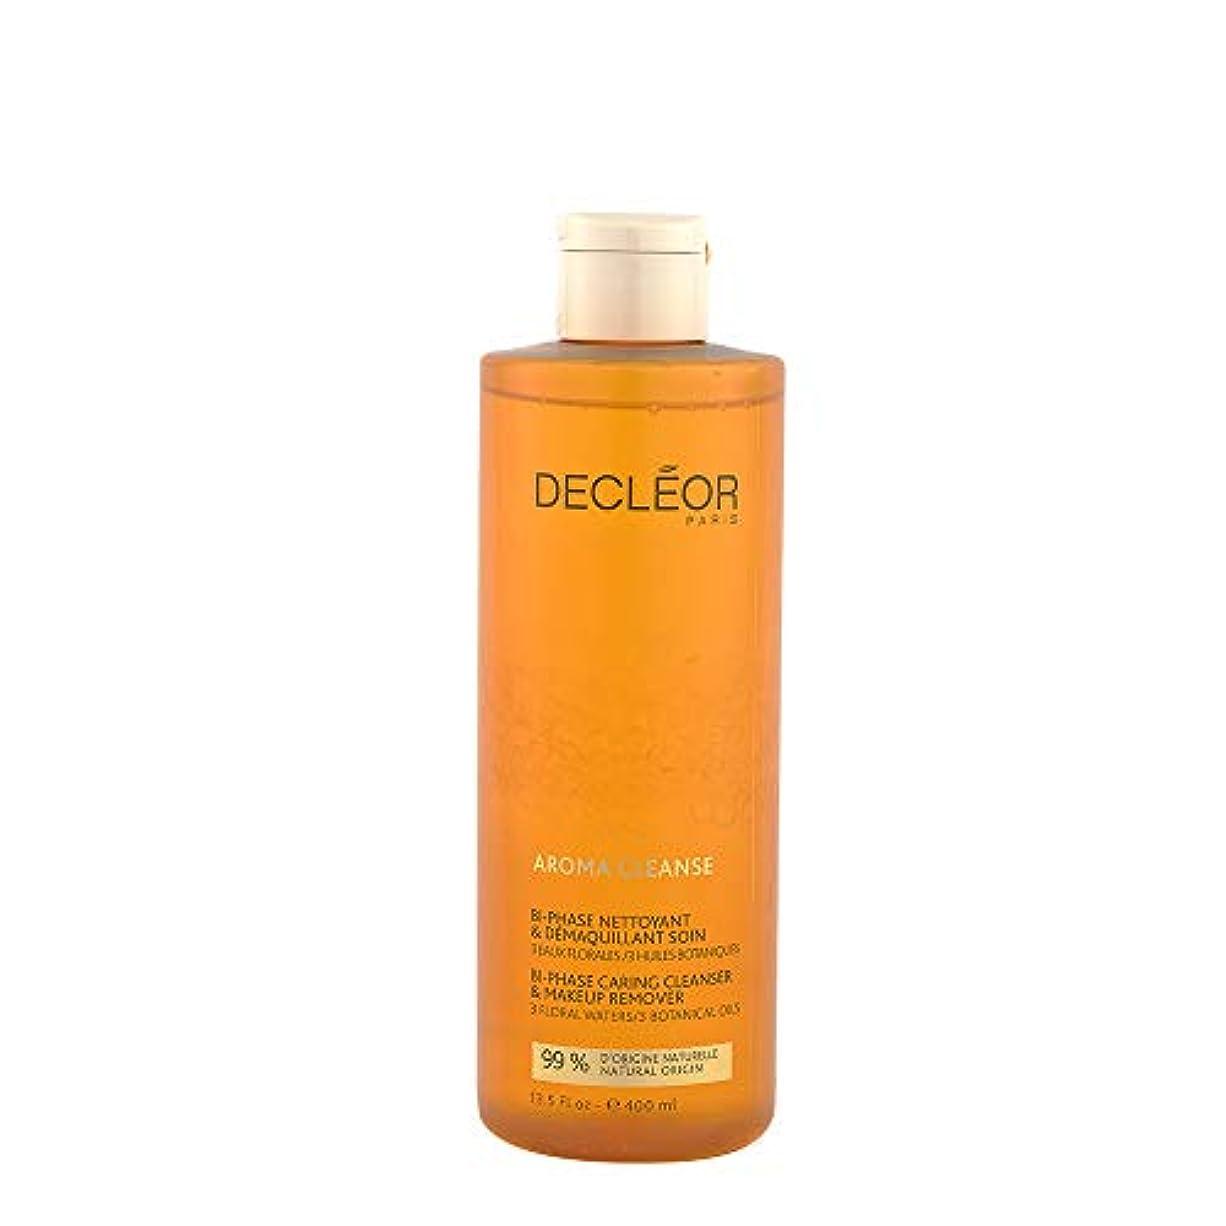 石油暴君スプーンデクレオール Aroma Cleanse Bi-Phase Caring Cleanser & Makeup Remover (Salon Size) 400ml/13.5oz並行輸入品